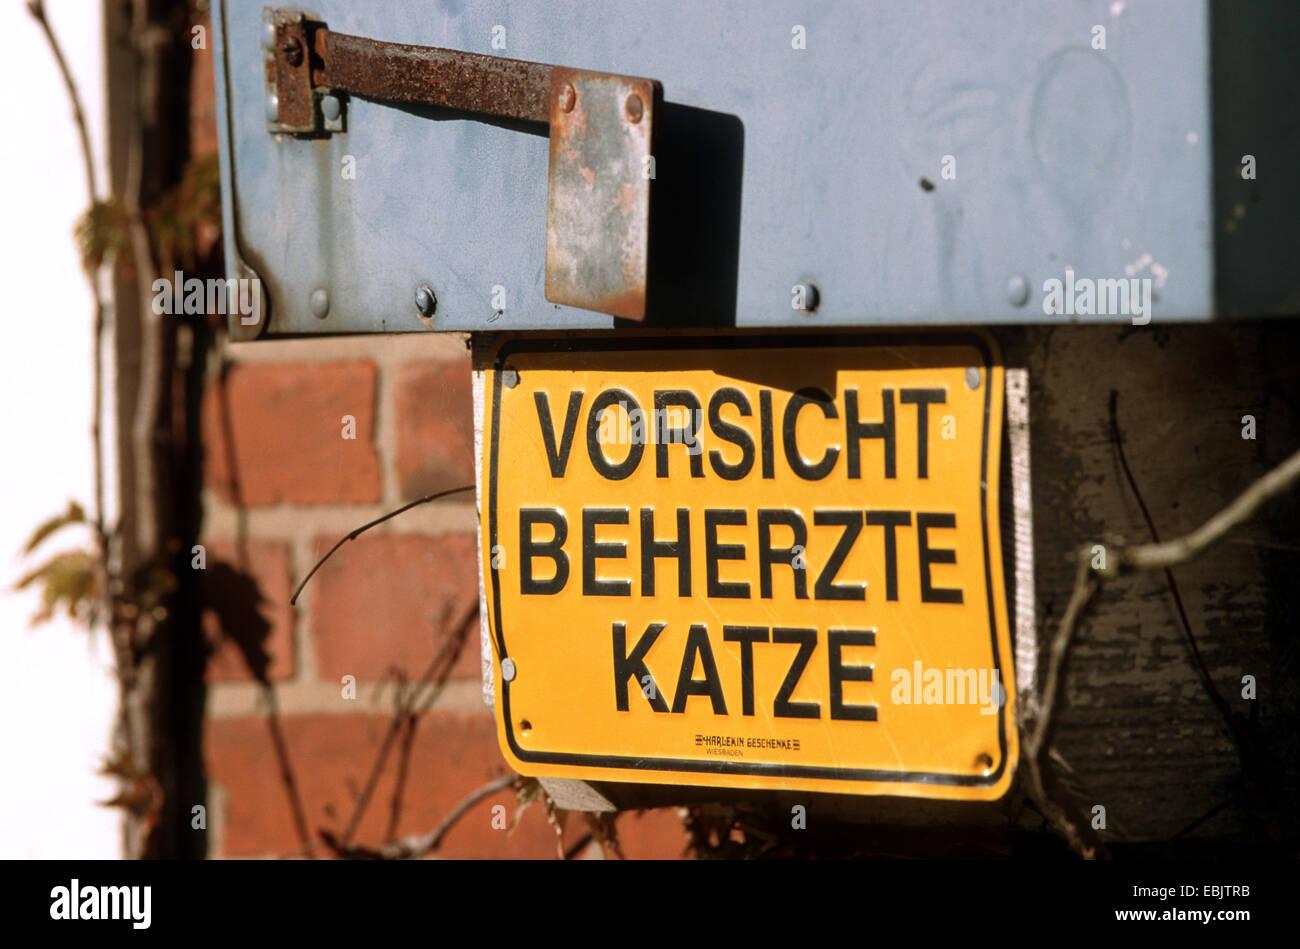 """Cartello che diceva """"Vorsicht beherzte Katze' ('attenzione, coraggioso cat') all'ingresso di una proprietà Foto Stock"""